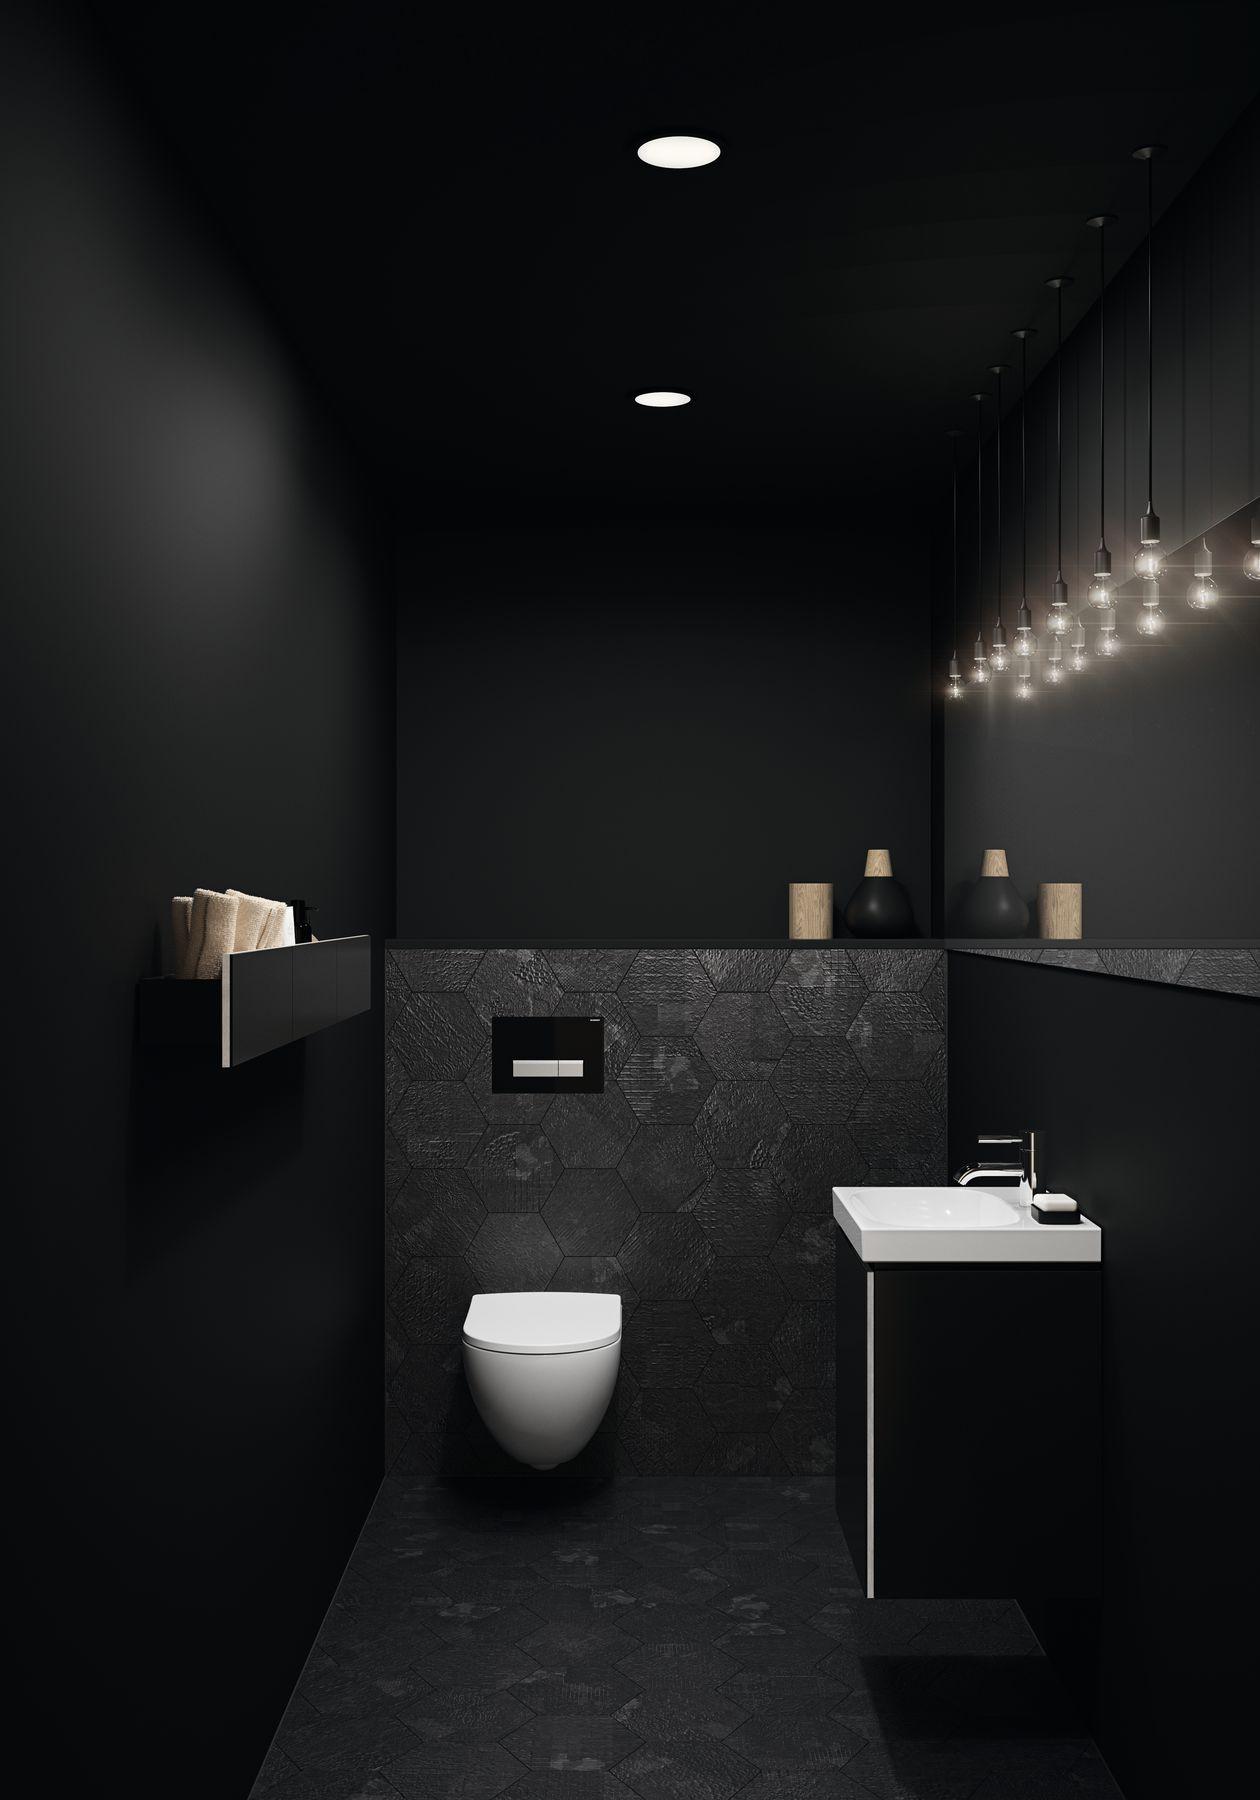 Noma-Living-The-Clique-Lifestyle-Bathroom.jpg